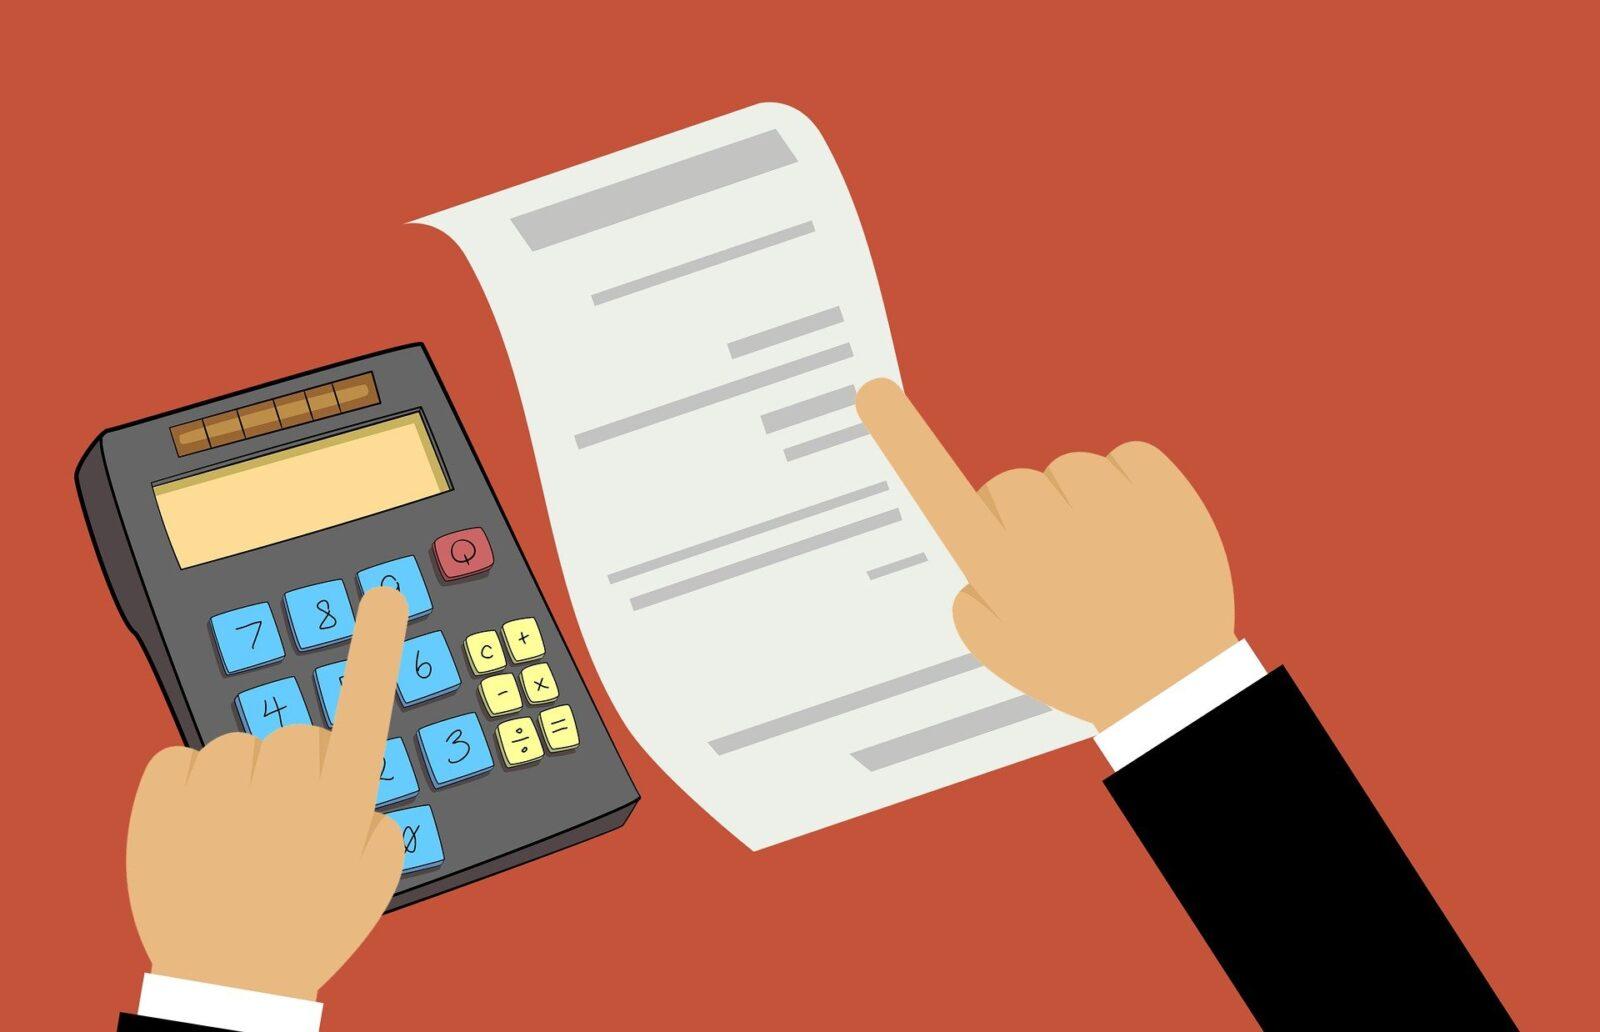 Pakiet VAT e-commerce, czyli zmiany i nowe obowiązki dla firm w opodatkowaniu VAT w handlu